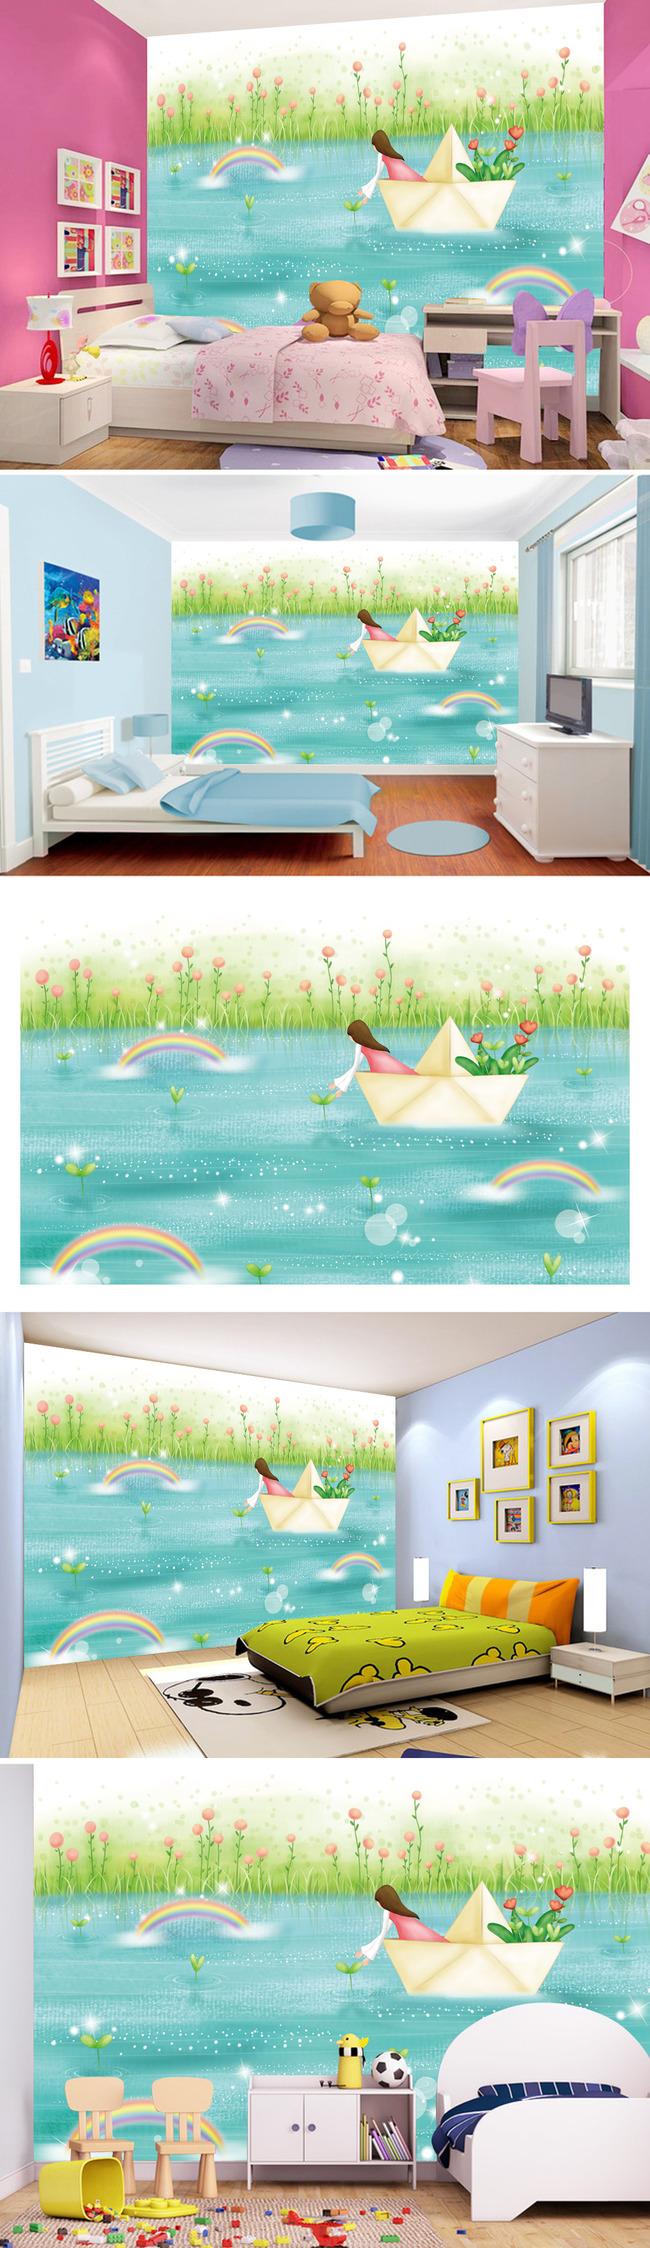 梦幻手绘卡通漫画儿童房壁纸壁画背景墙